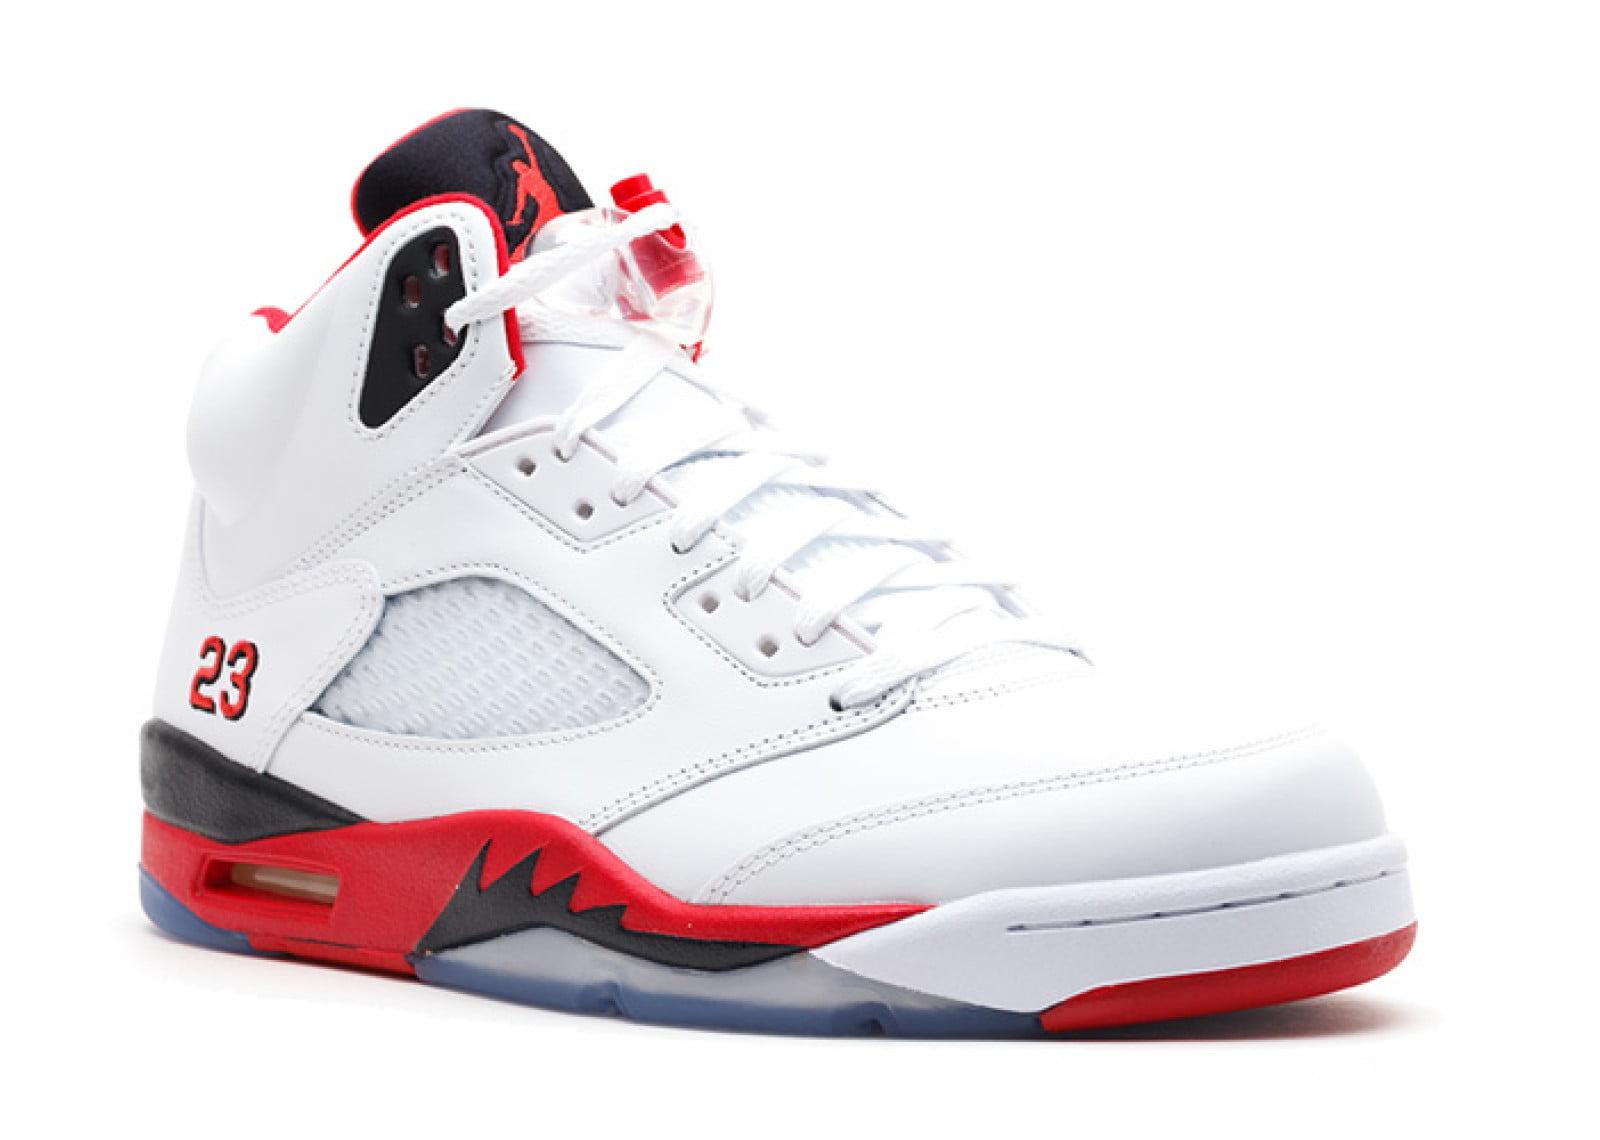 2c563a3fcc4a Air Jordan - Men - Air Jordan 5 Retro  2013 Release  - 136027-120 - Size 8